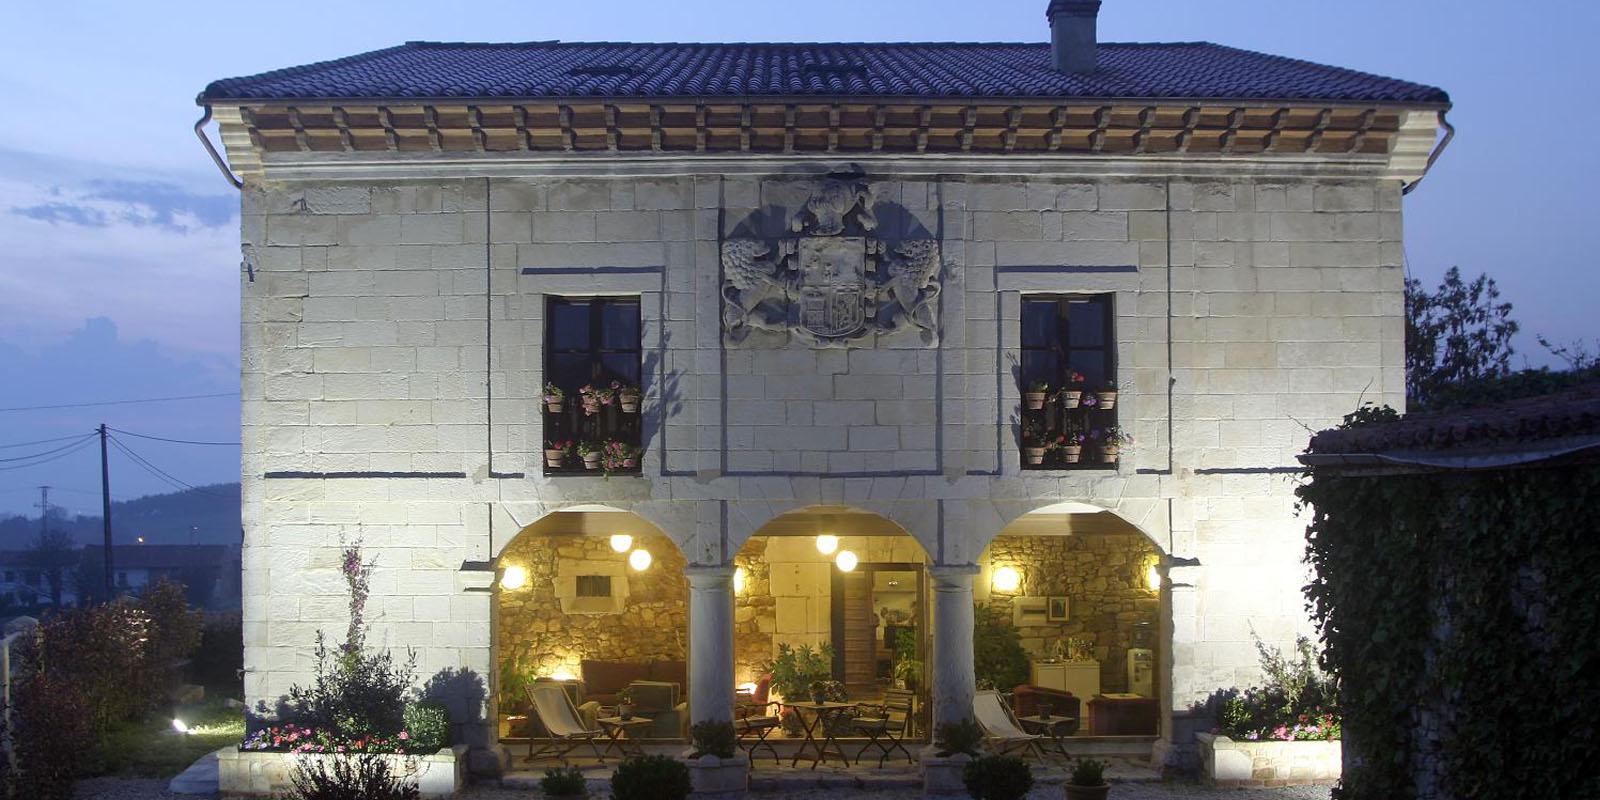 Hotel con encanto en cantabria imagenes 16 cabecera